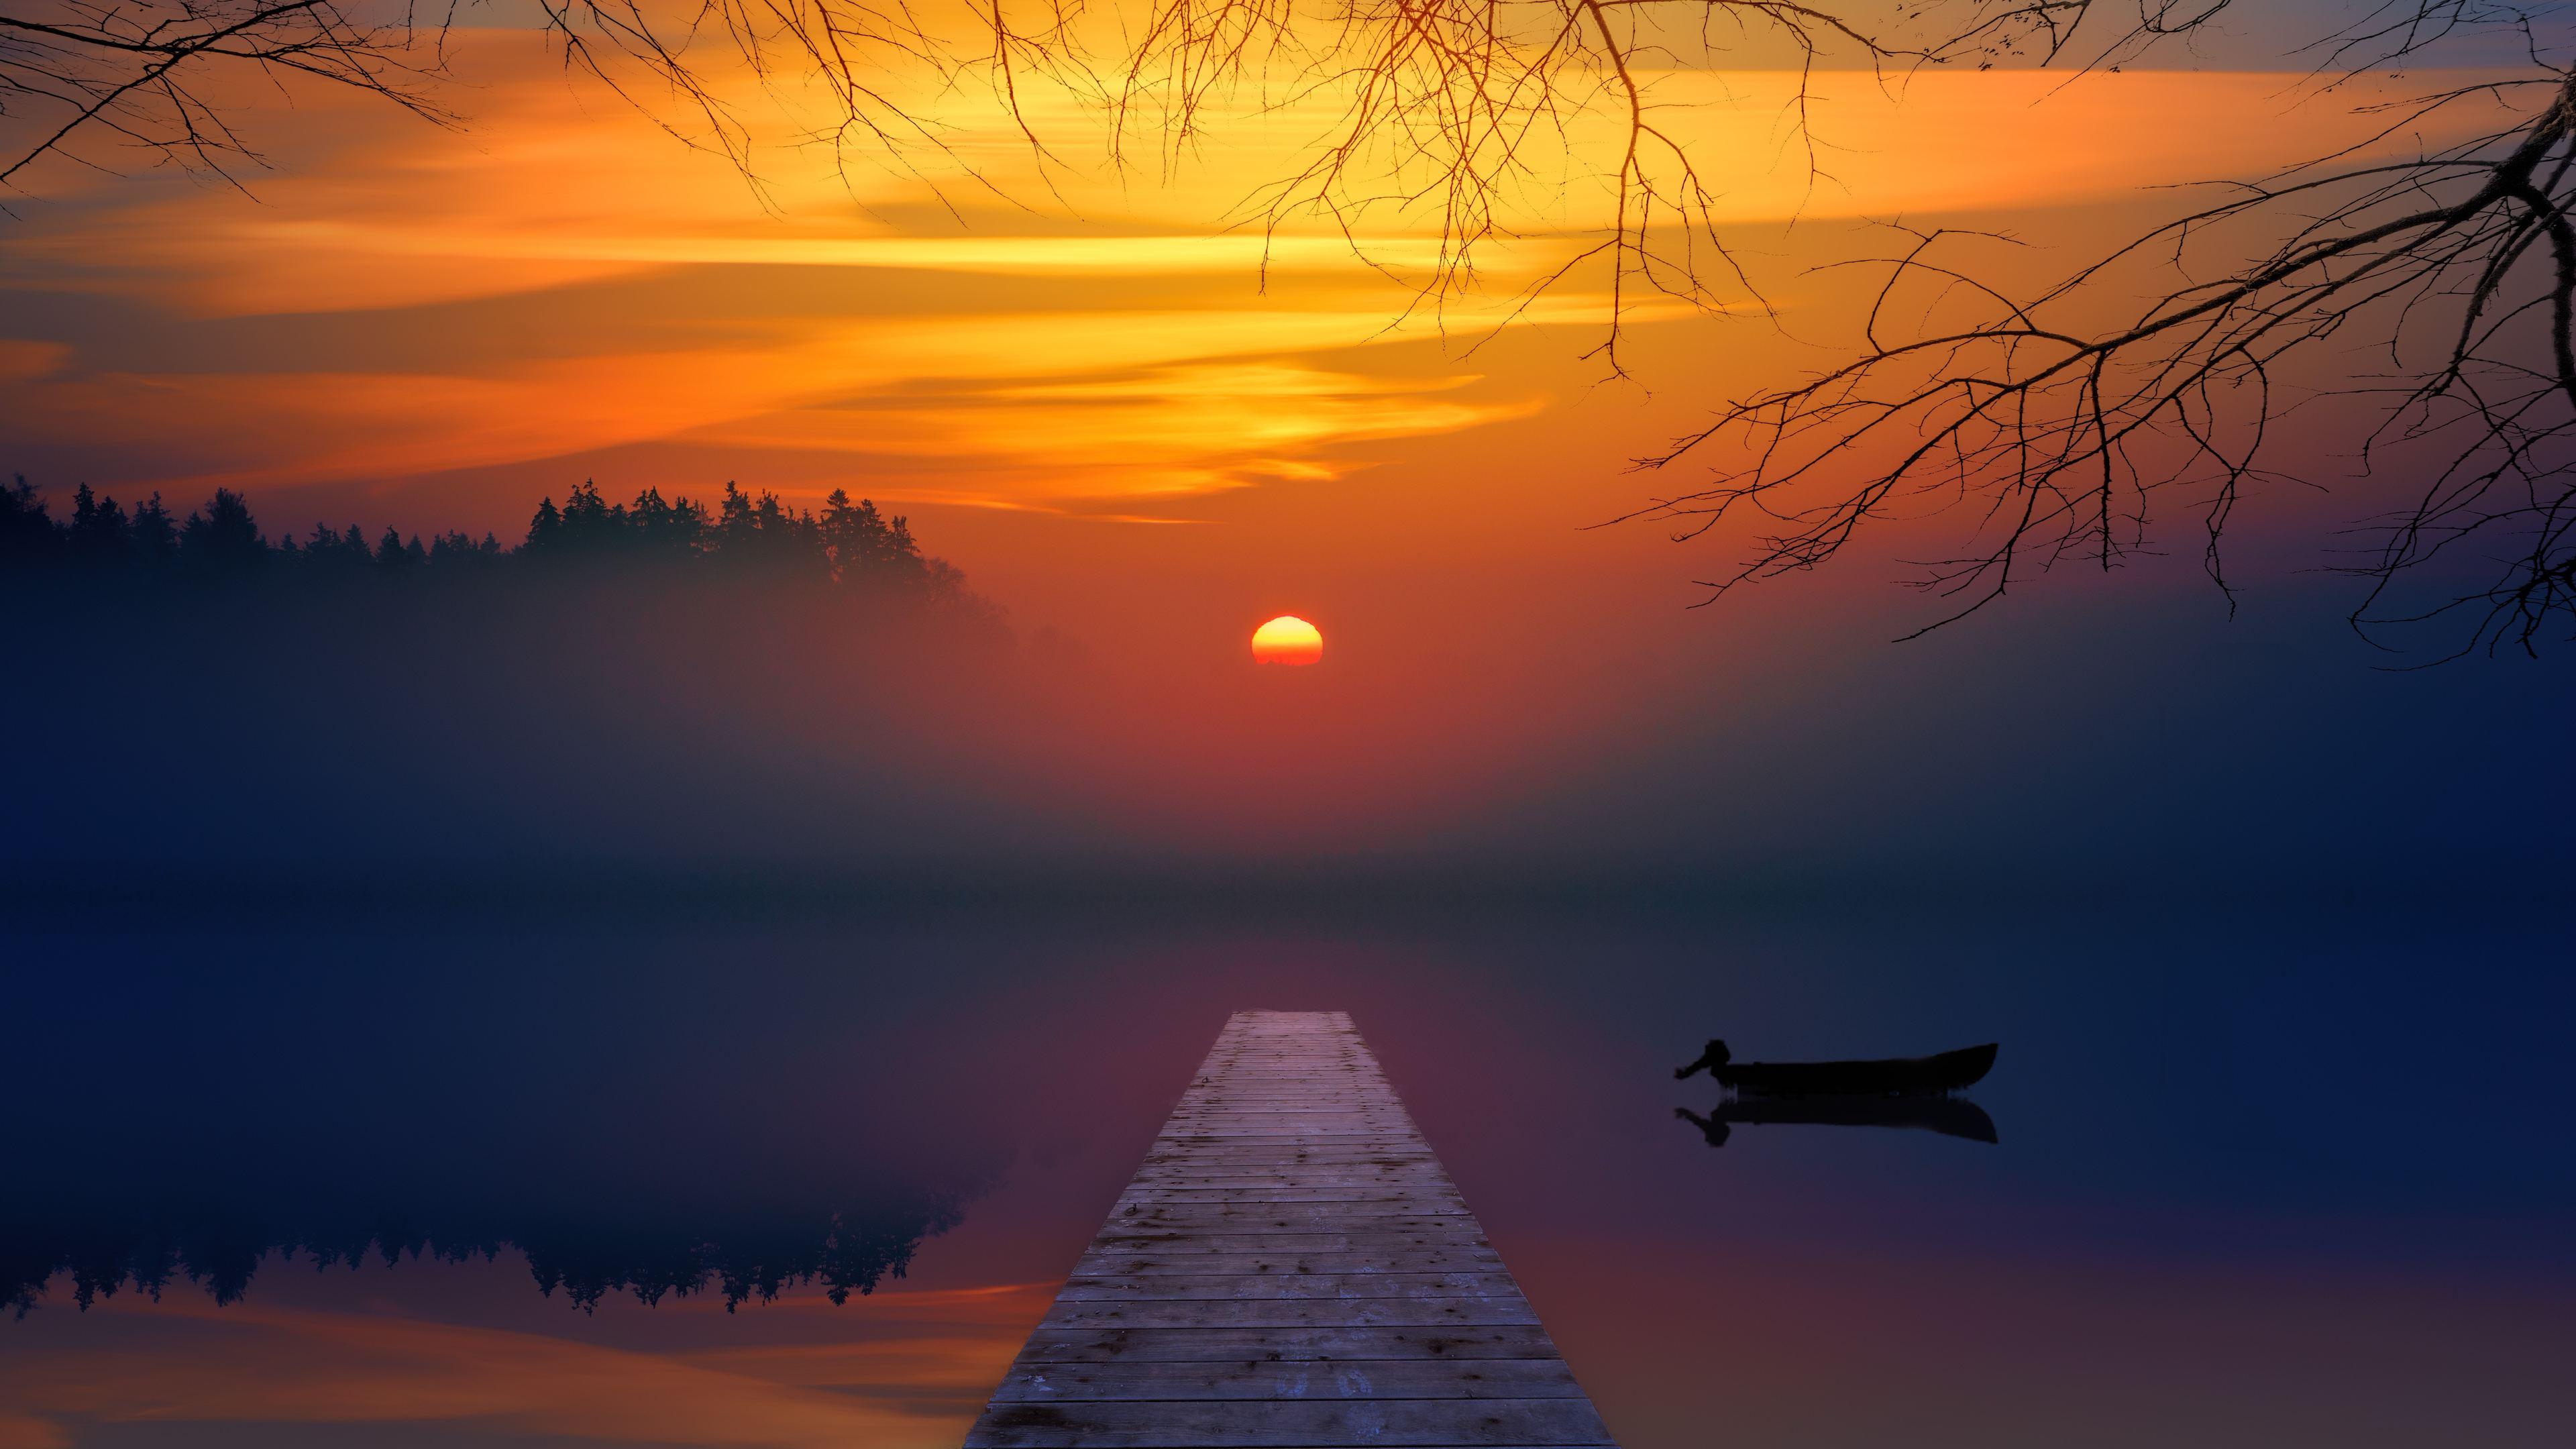 lake sunset 4k